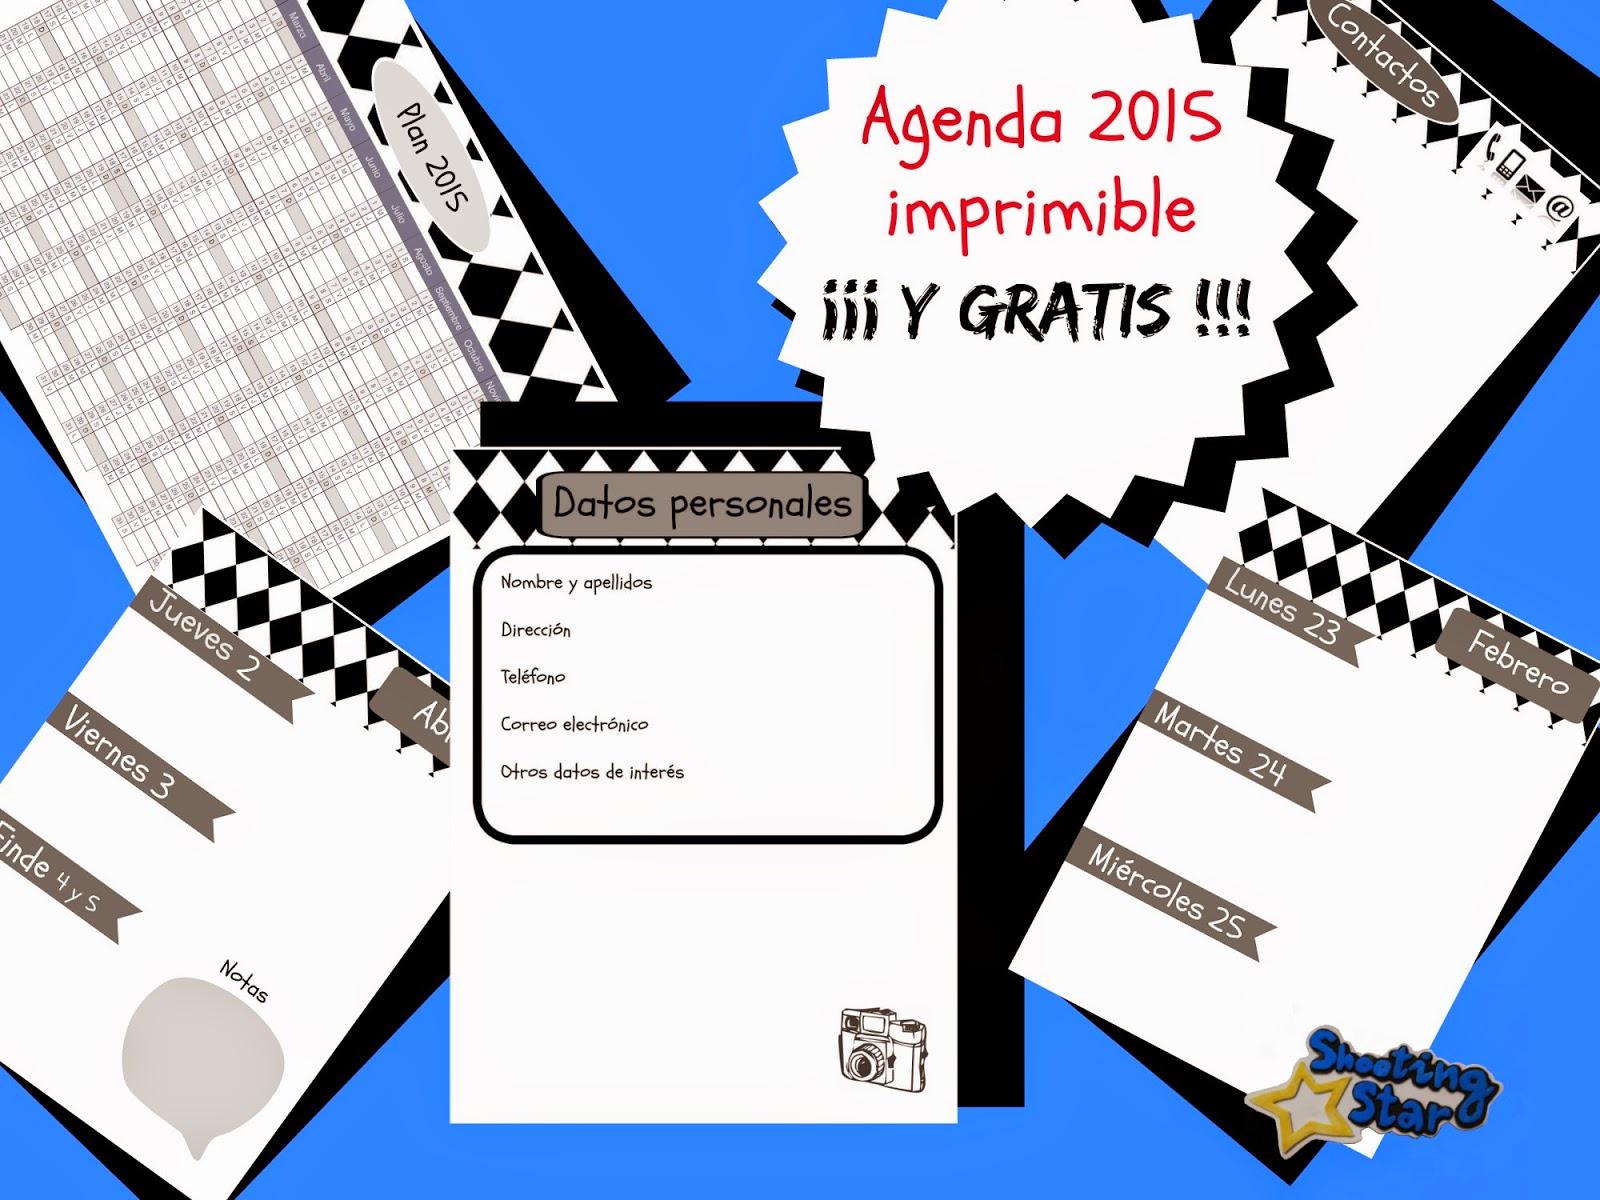 imprimible gratis agenda 2015